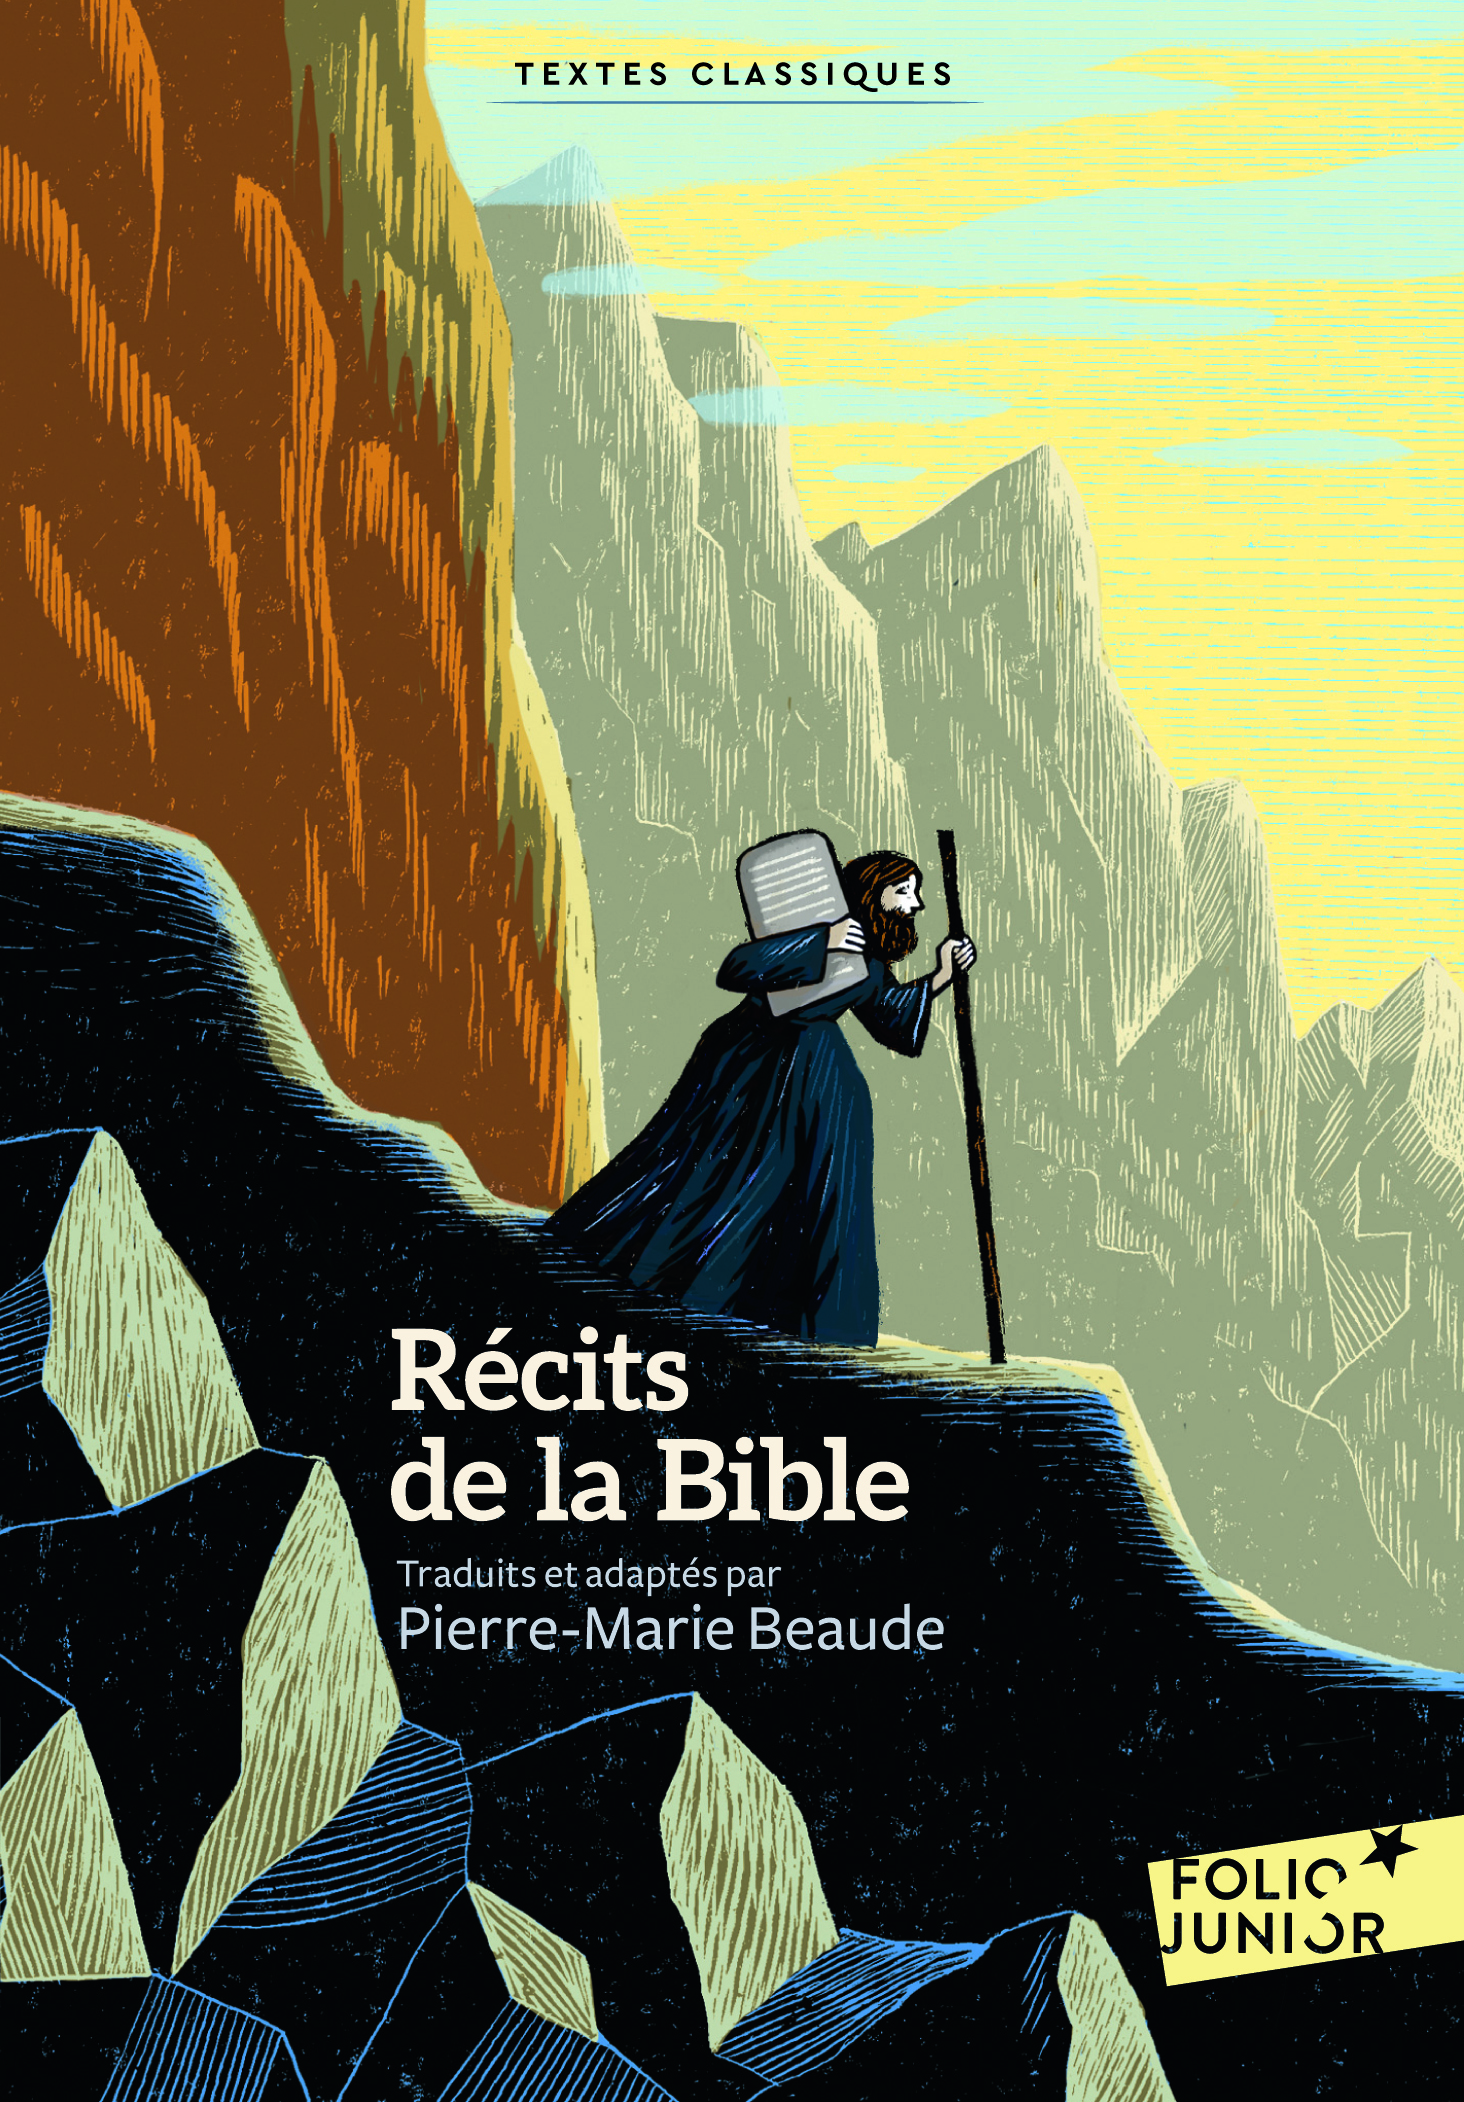 RECITS DE LA BIBLE